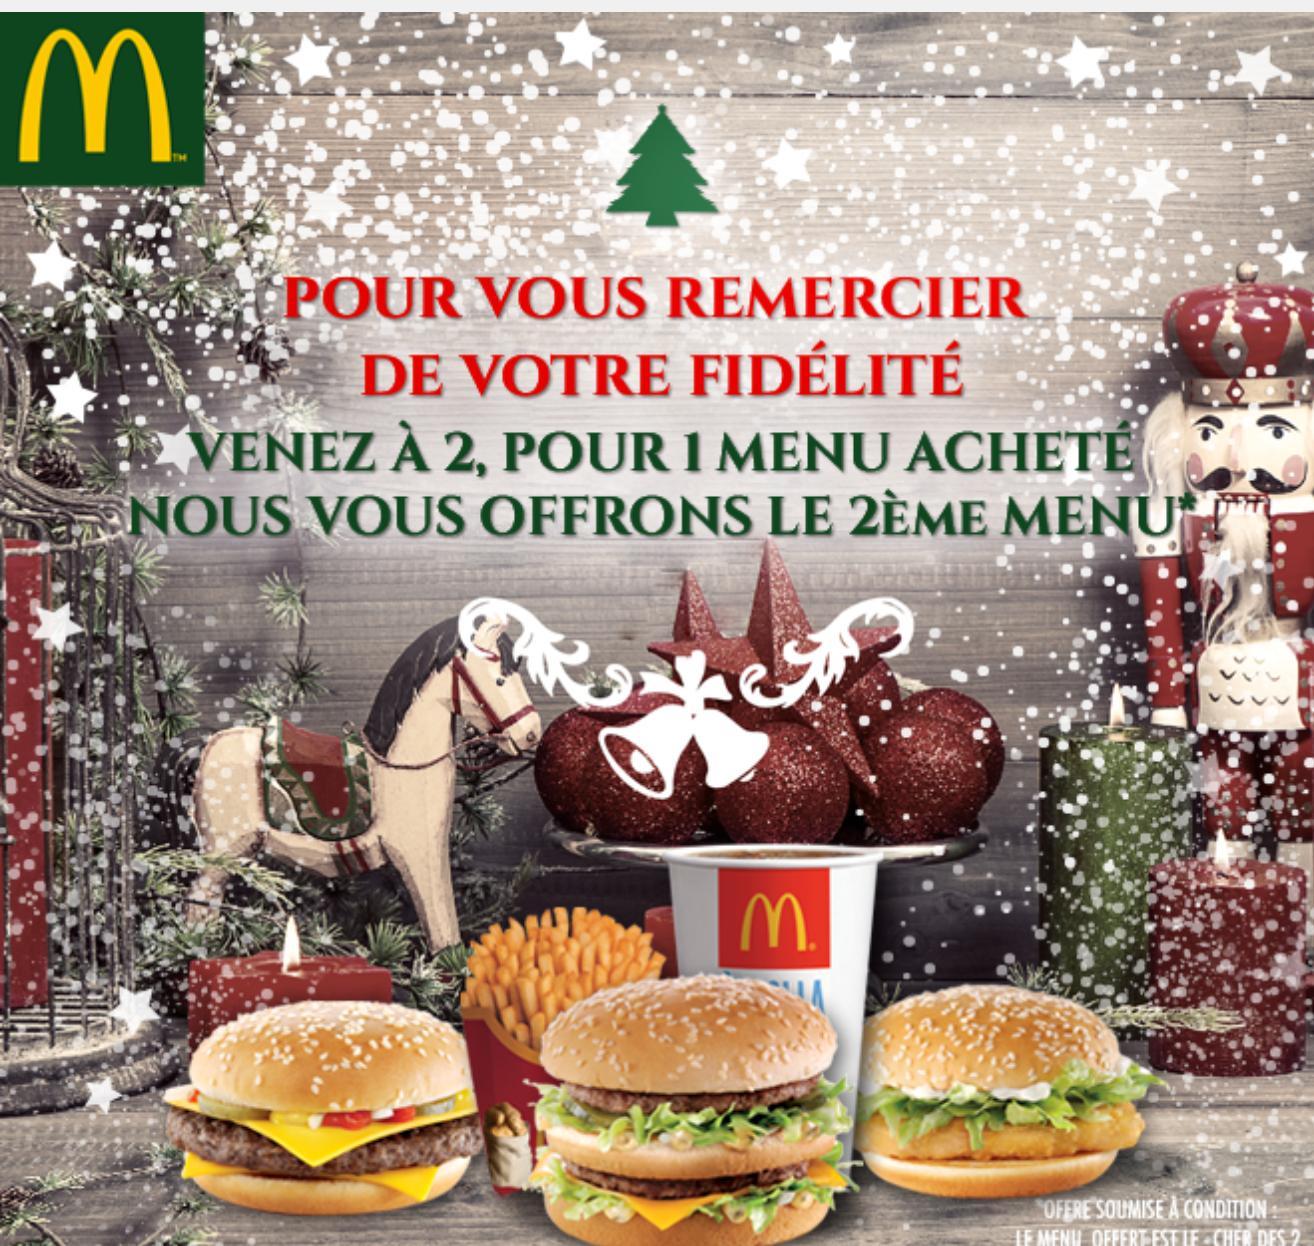 1 menu acheté = 1 menu offert dans votre McDonald's Charenton le Pont